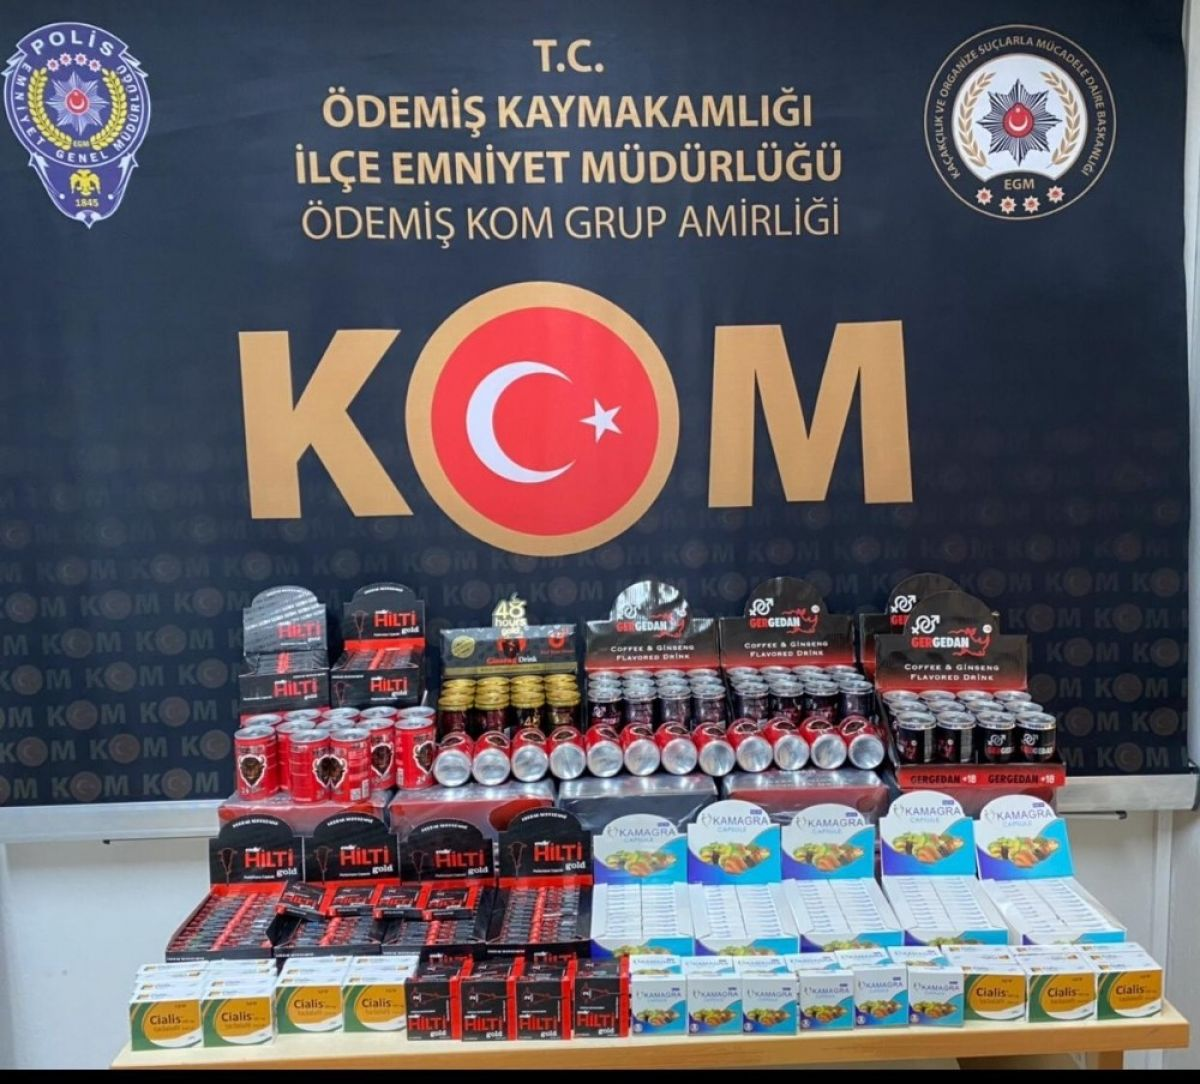 İzmir'de cinsel içerikli ürün ve uyuşturucu ele geçirildi #1